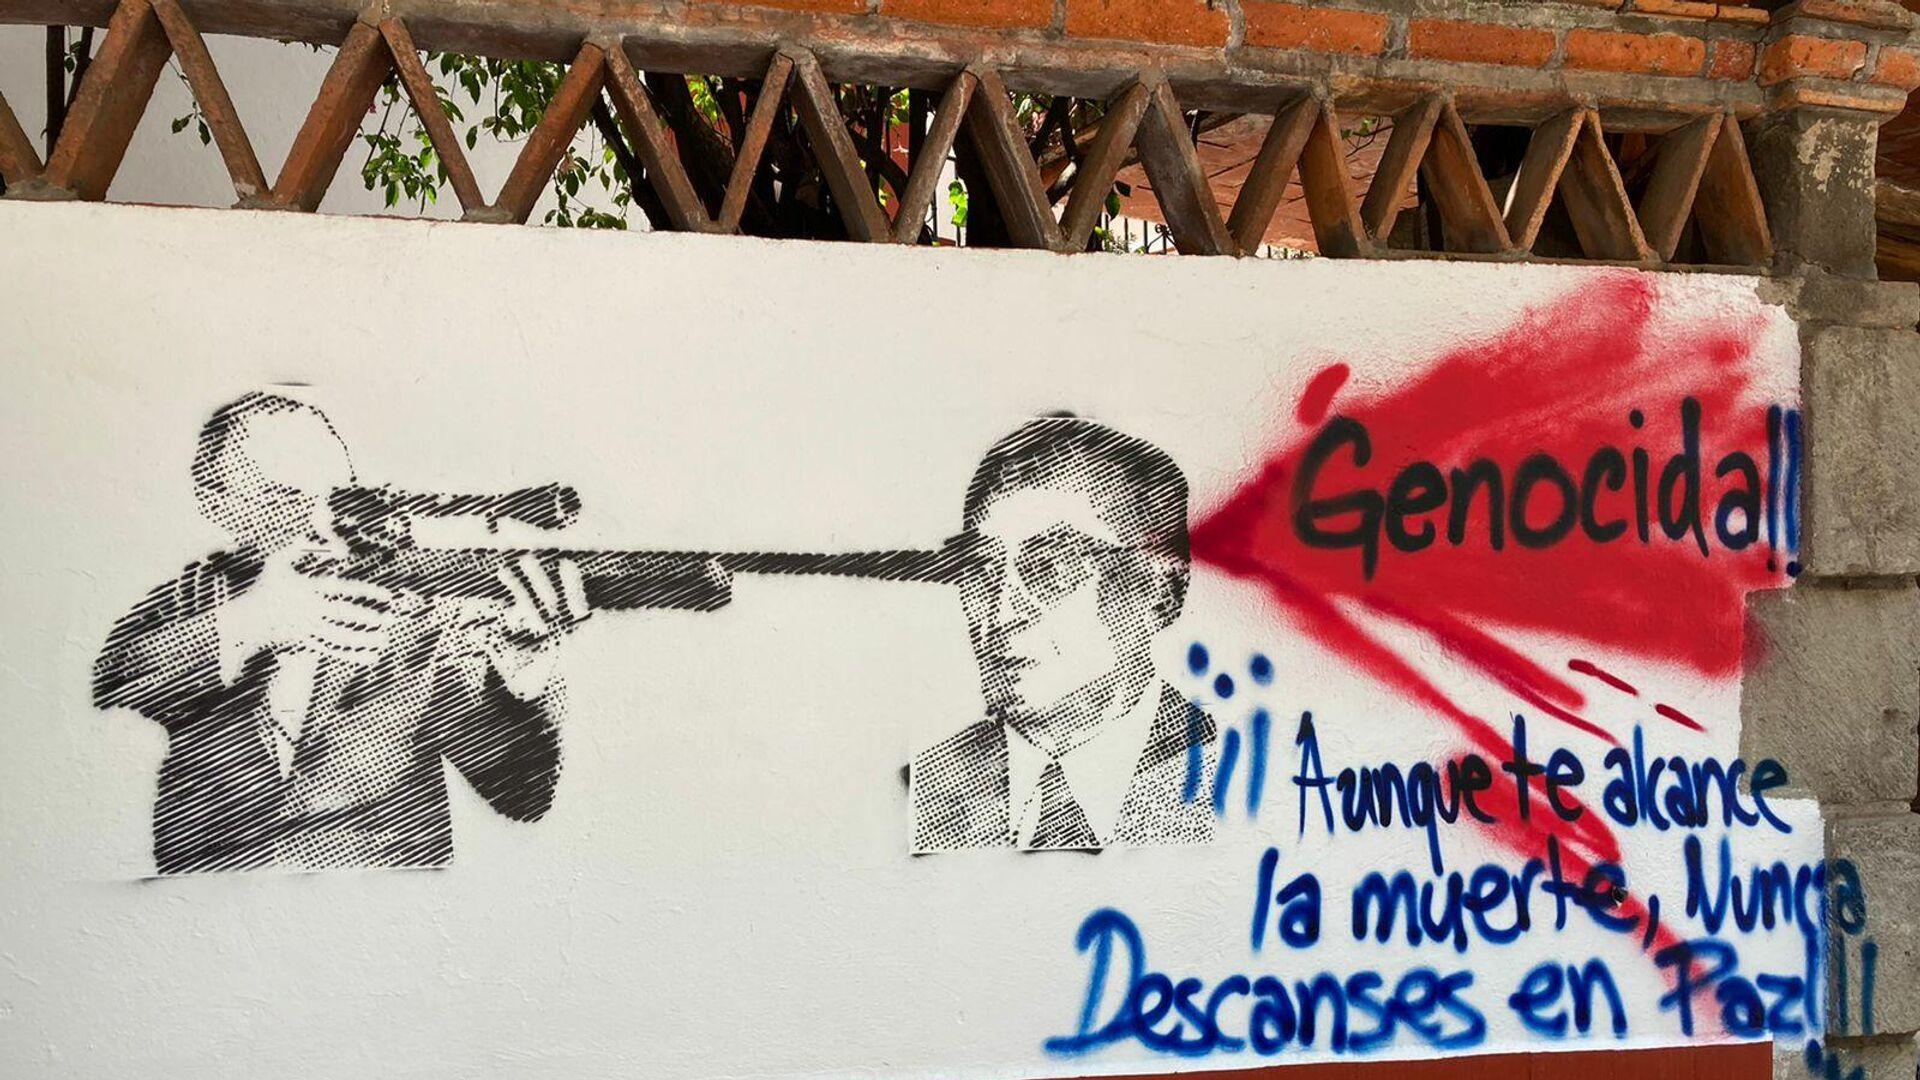 Protestan en la casa de expresidente mexicano Echeverría a 50 años de matanza del Halconazo - Sputnik Mundo, 1920, 10.06.2021